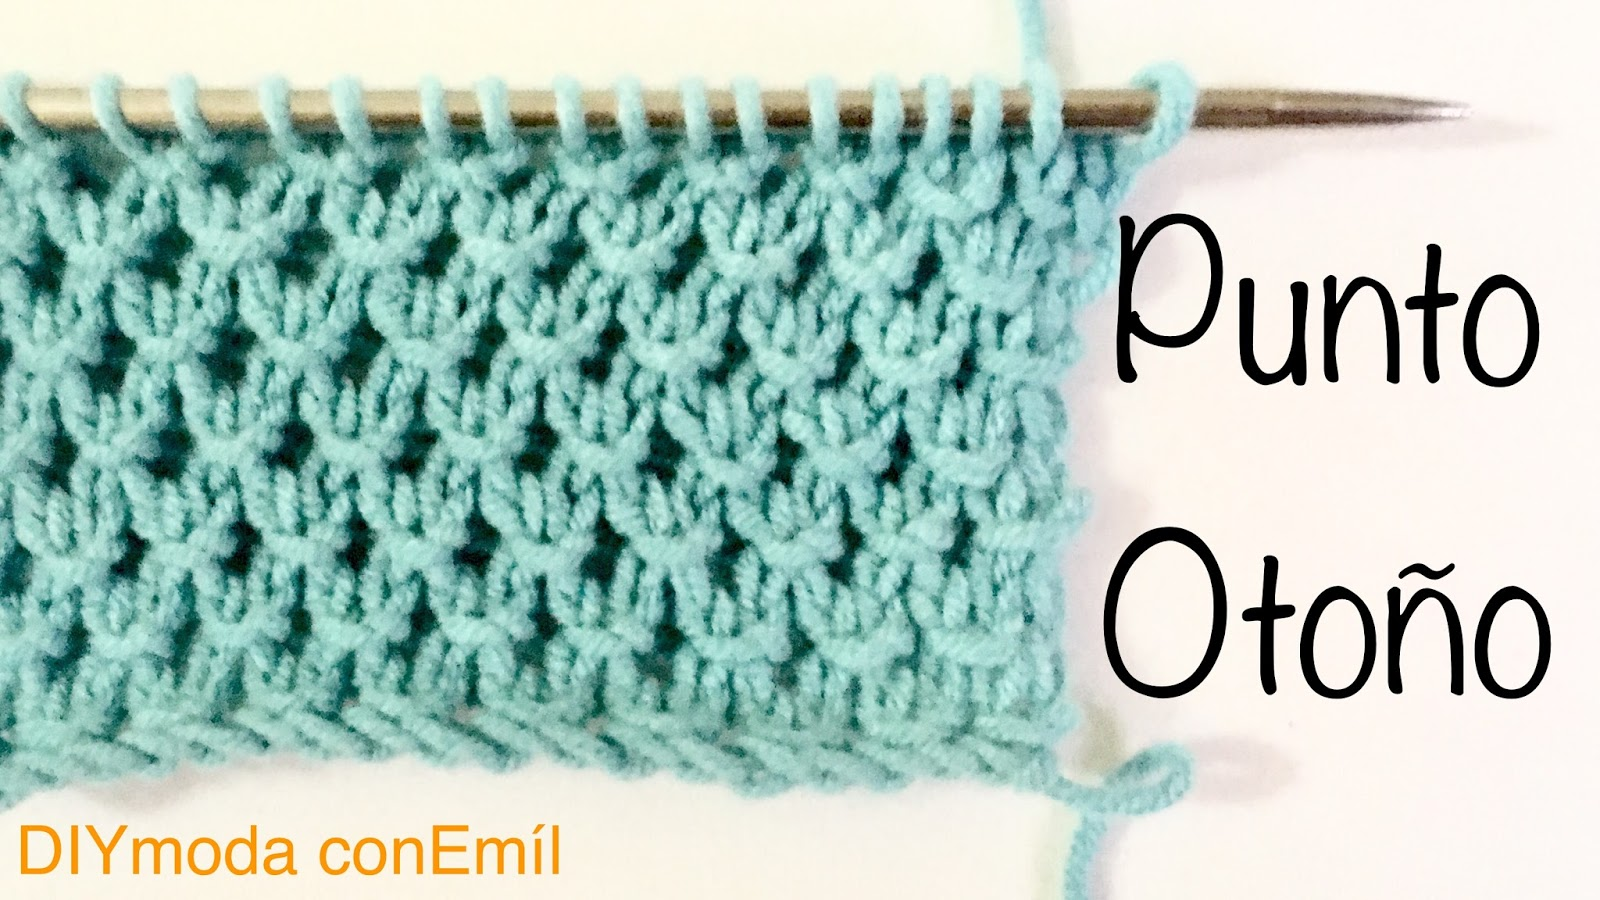 Diymoda conem l punto de oto o a dos agujas instrucciones - Puntos faciles para tejer con dos agujas ...